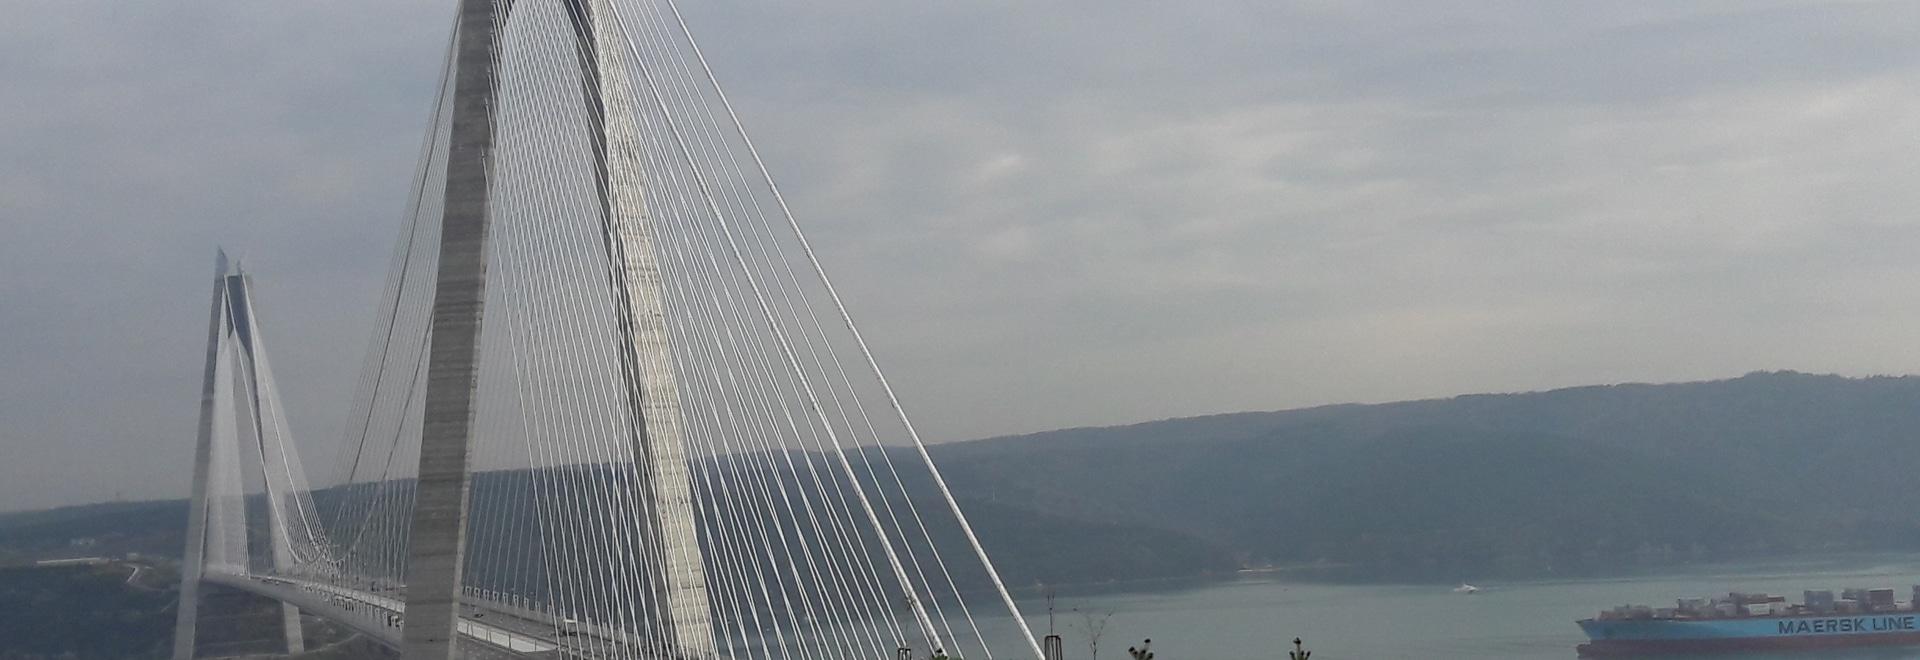 Yavuz Sultan Selim Bridge, Turquie